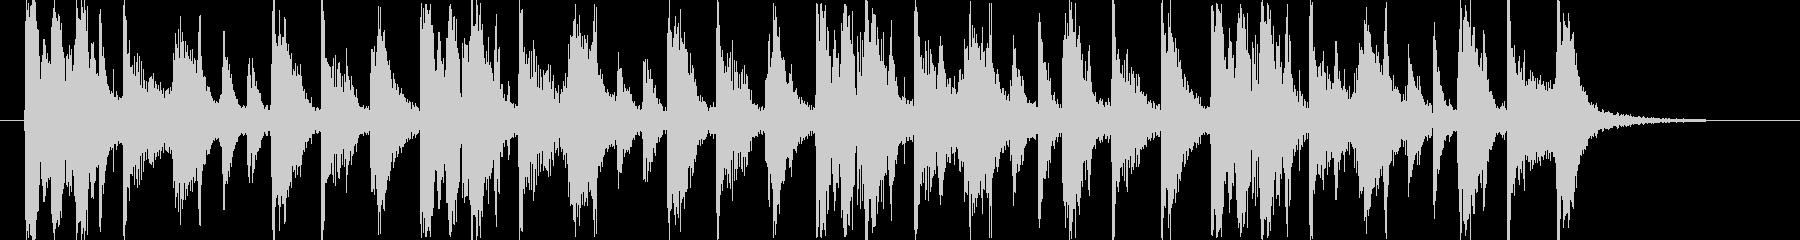 ミステリアスポップジングル/ハロウィンの未再生の波形